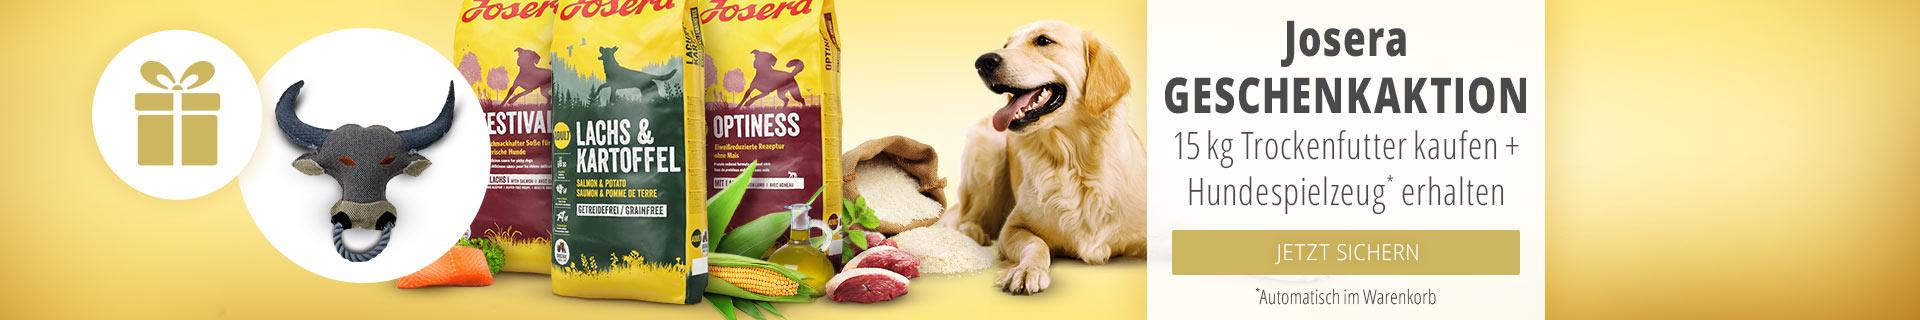 Josera Geschenkaktion 15kg Trockenfutter kaufen + Hundespielzeug erhalten